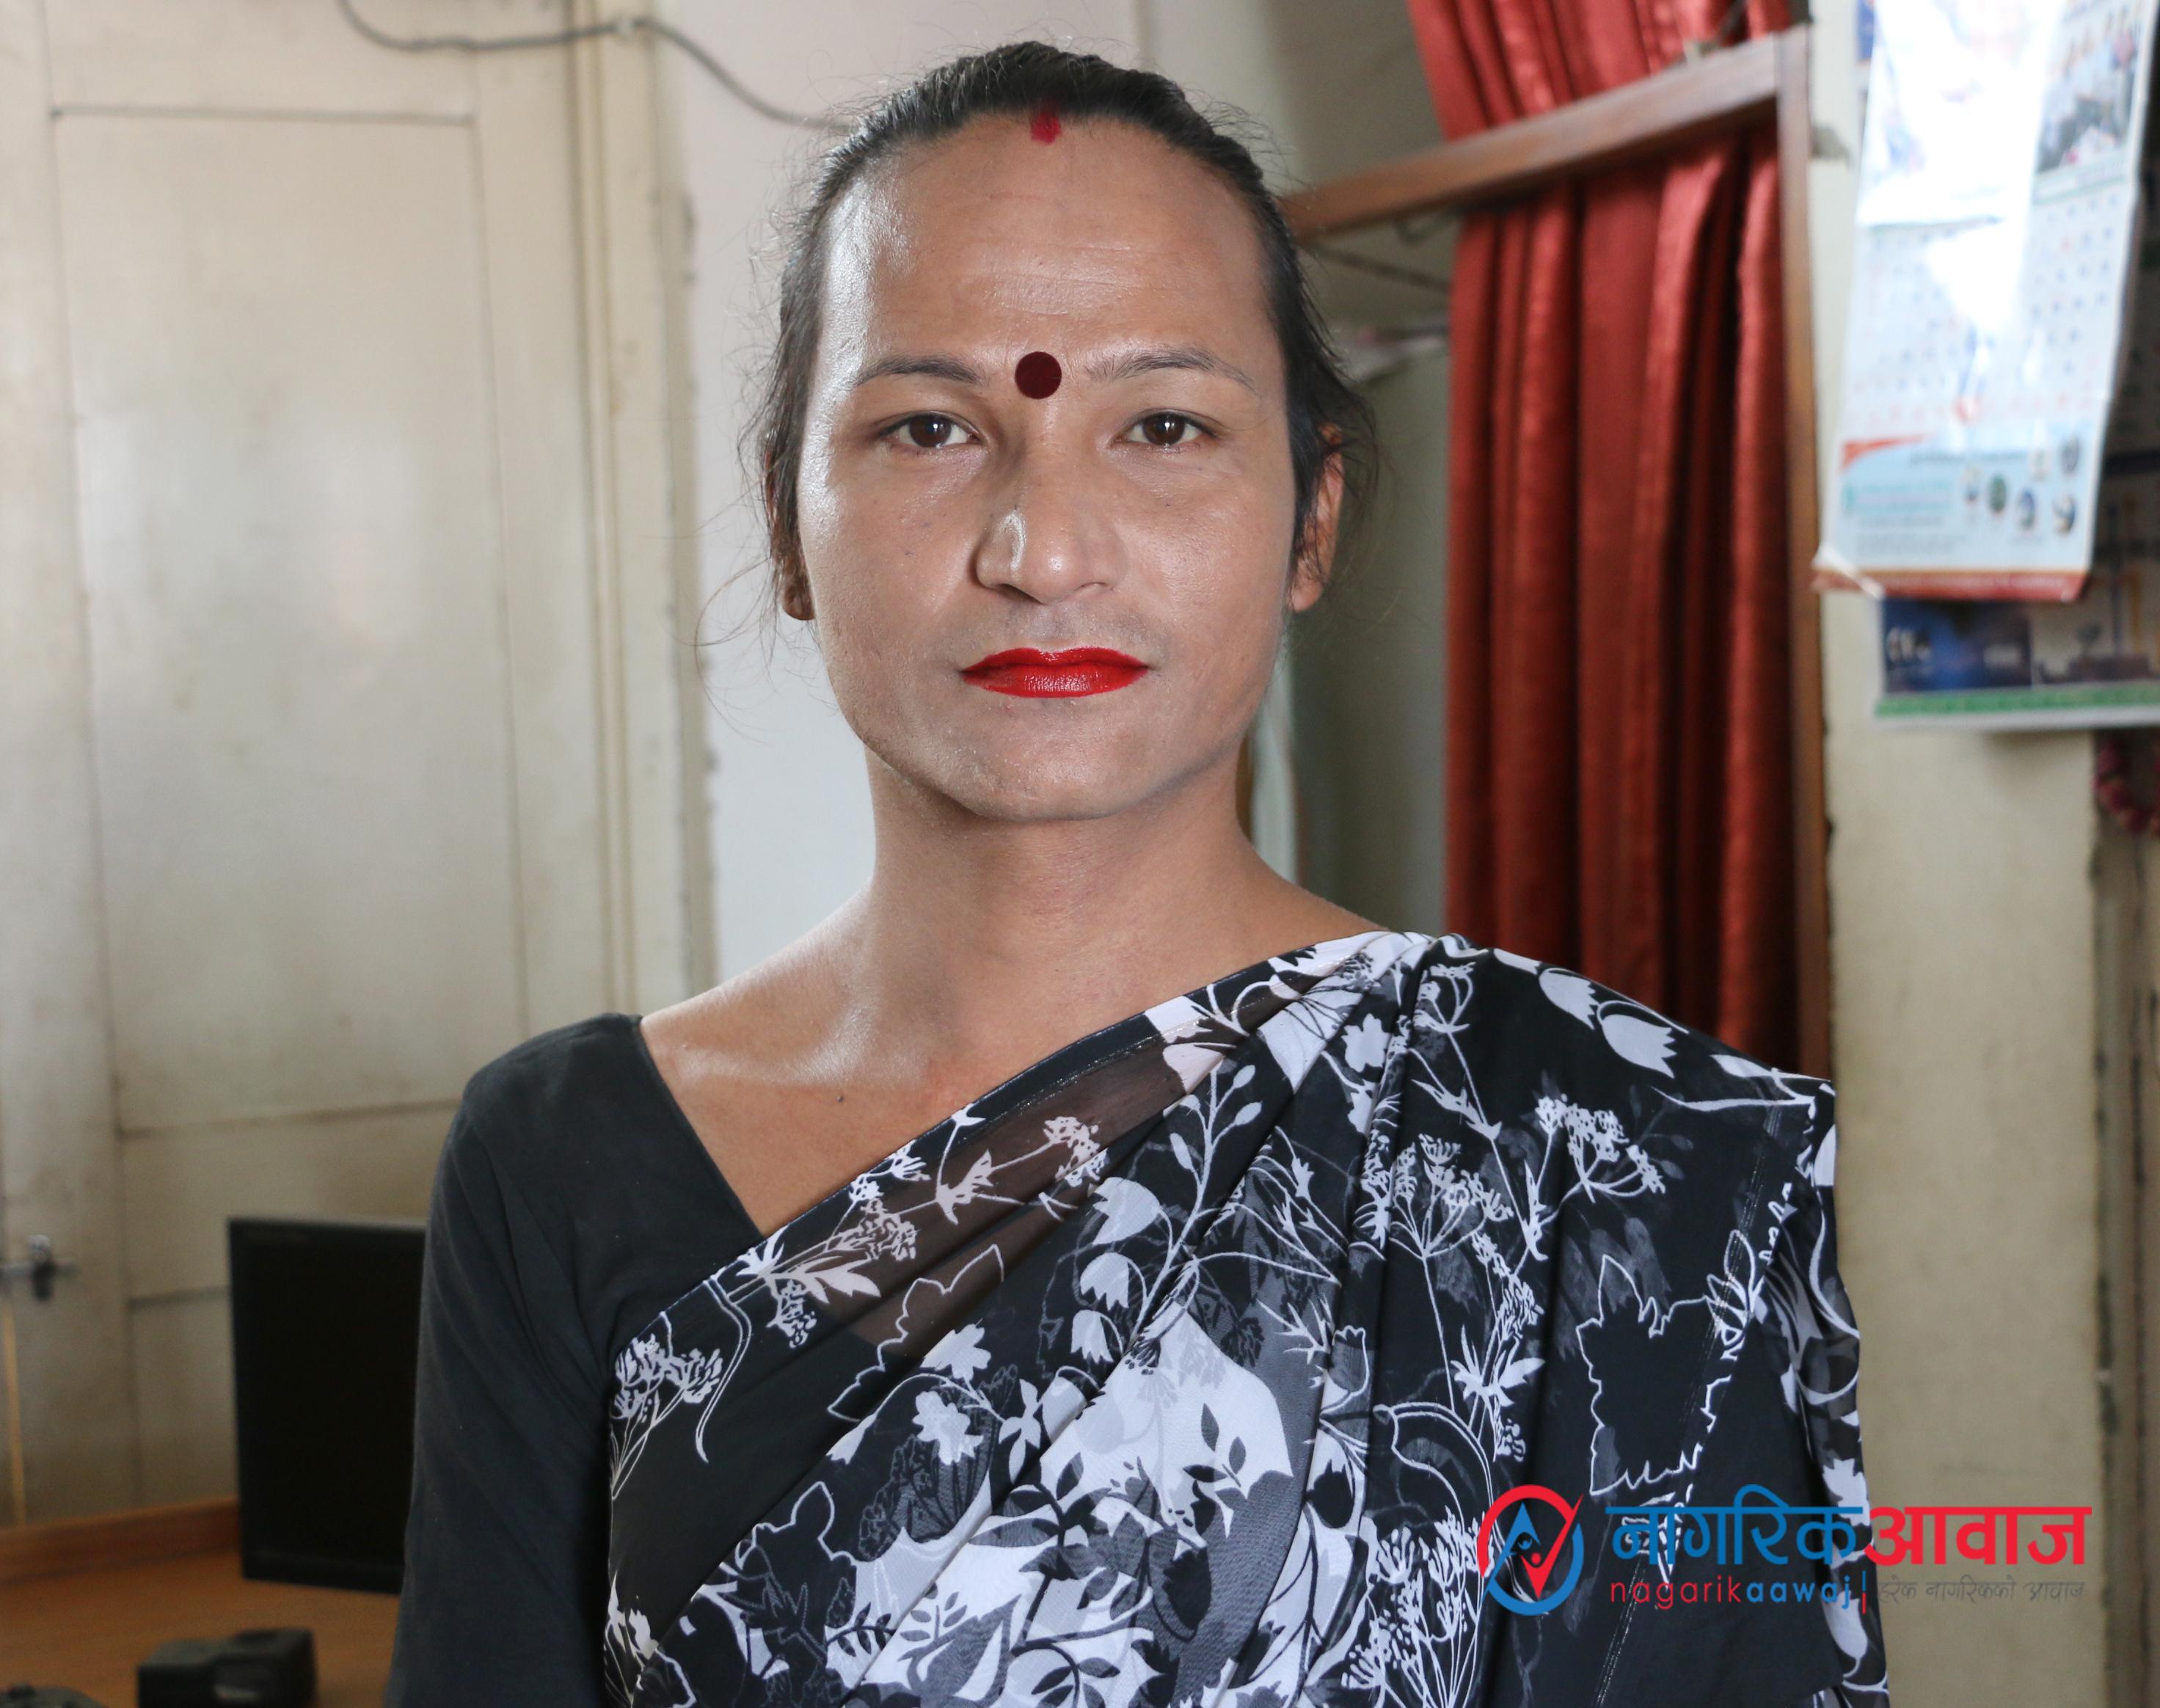 Nepal'de Trans Bir Kadın Başkanlığa Adaylığını Koyarak Tarih Yazıyor!